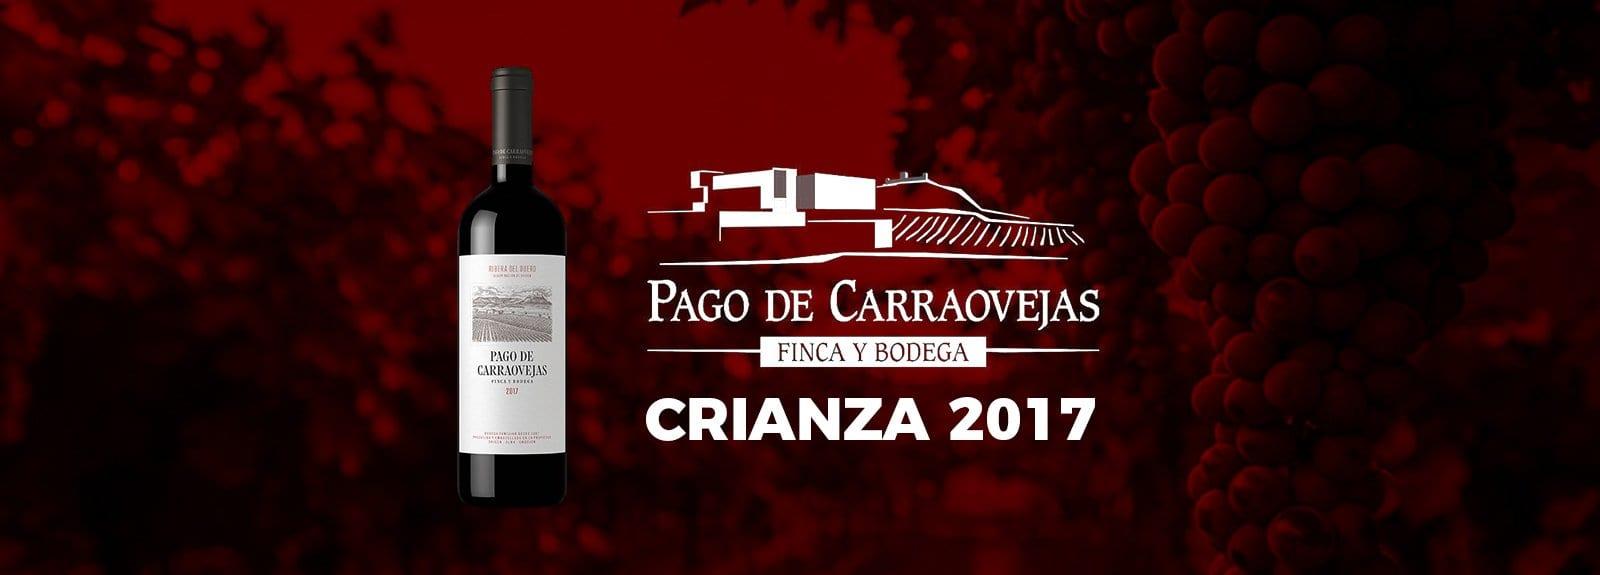 pago-carraovejas-2017